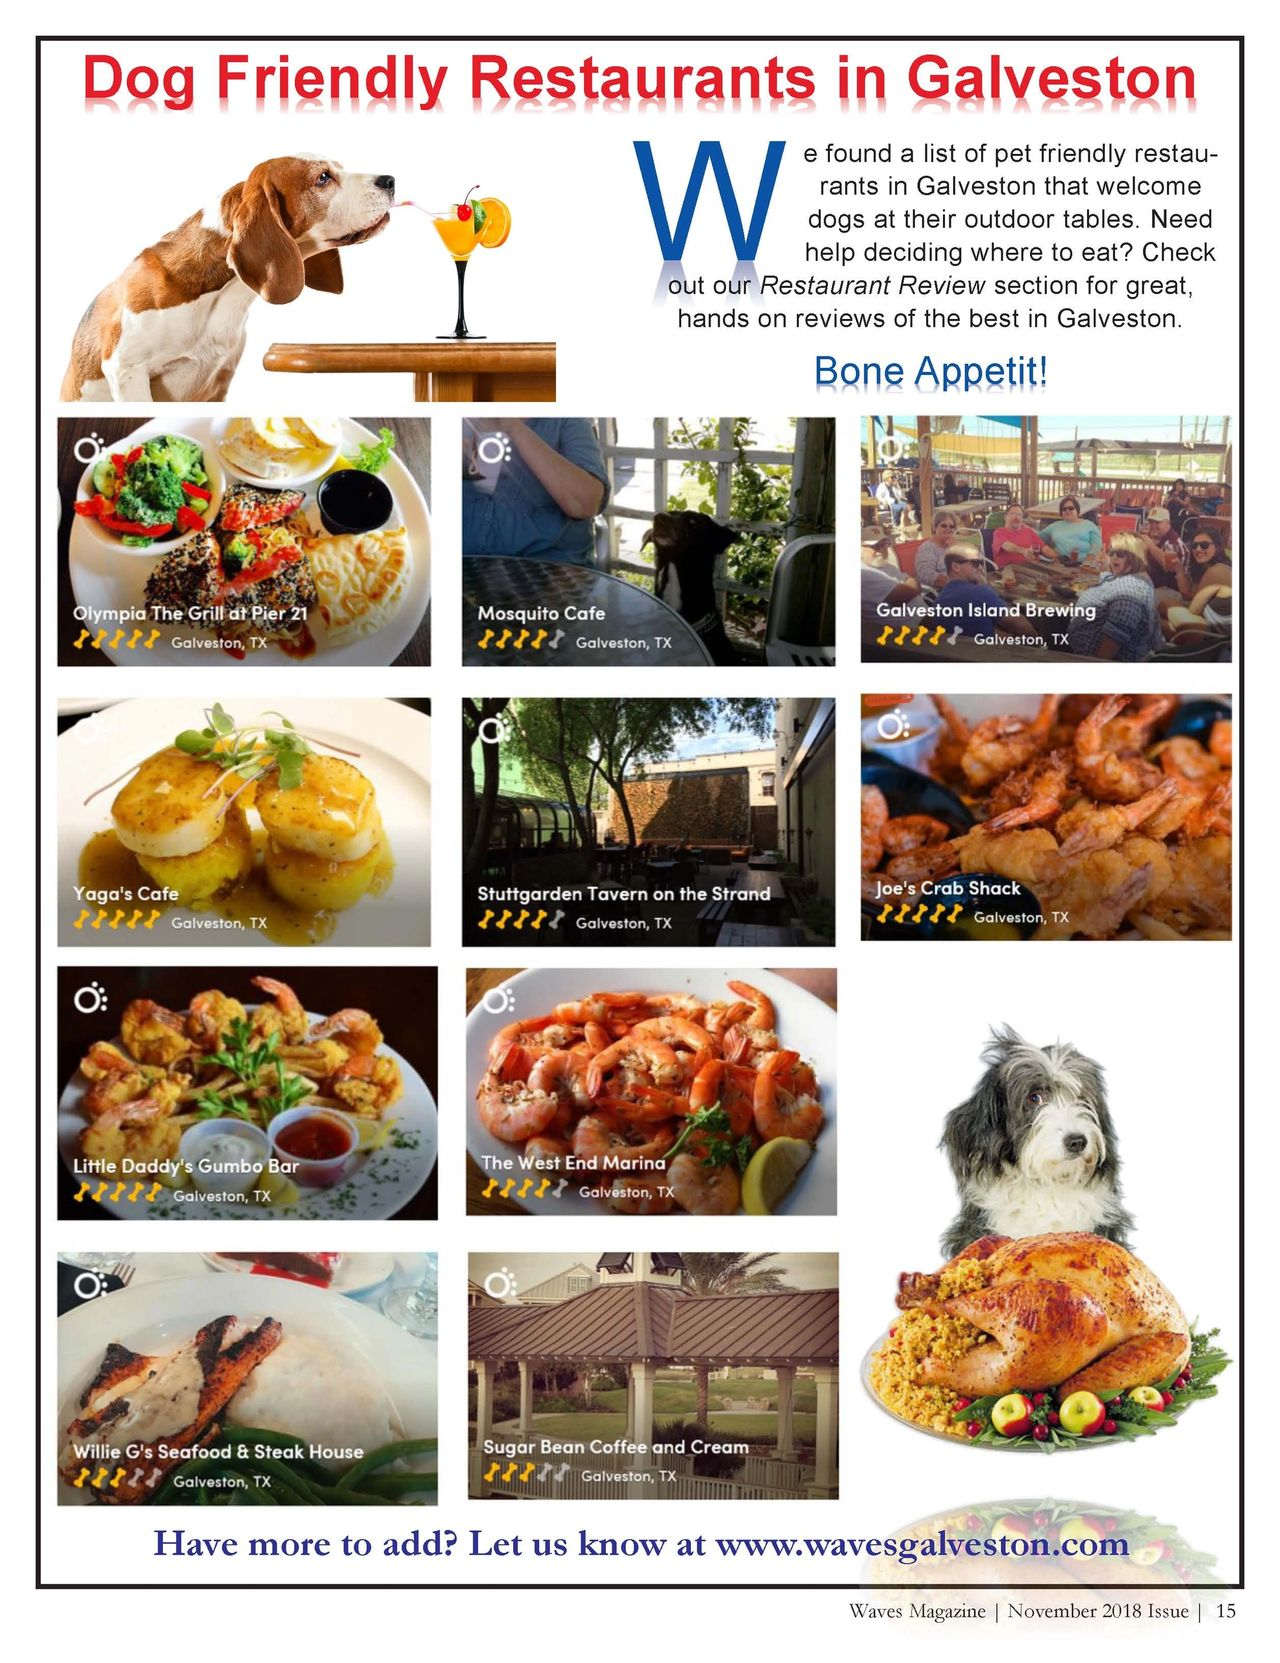 Dog Friendly Restaurants in Galveston | By: Waves Galveston